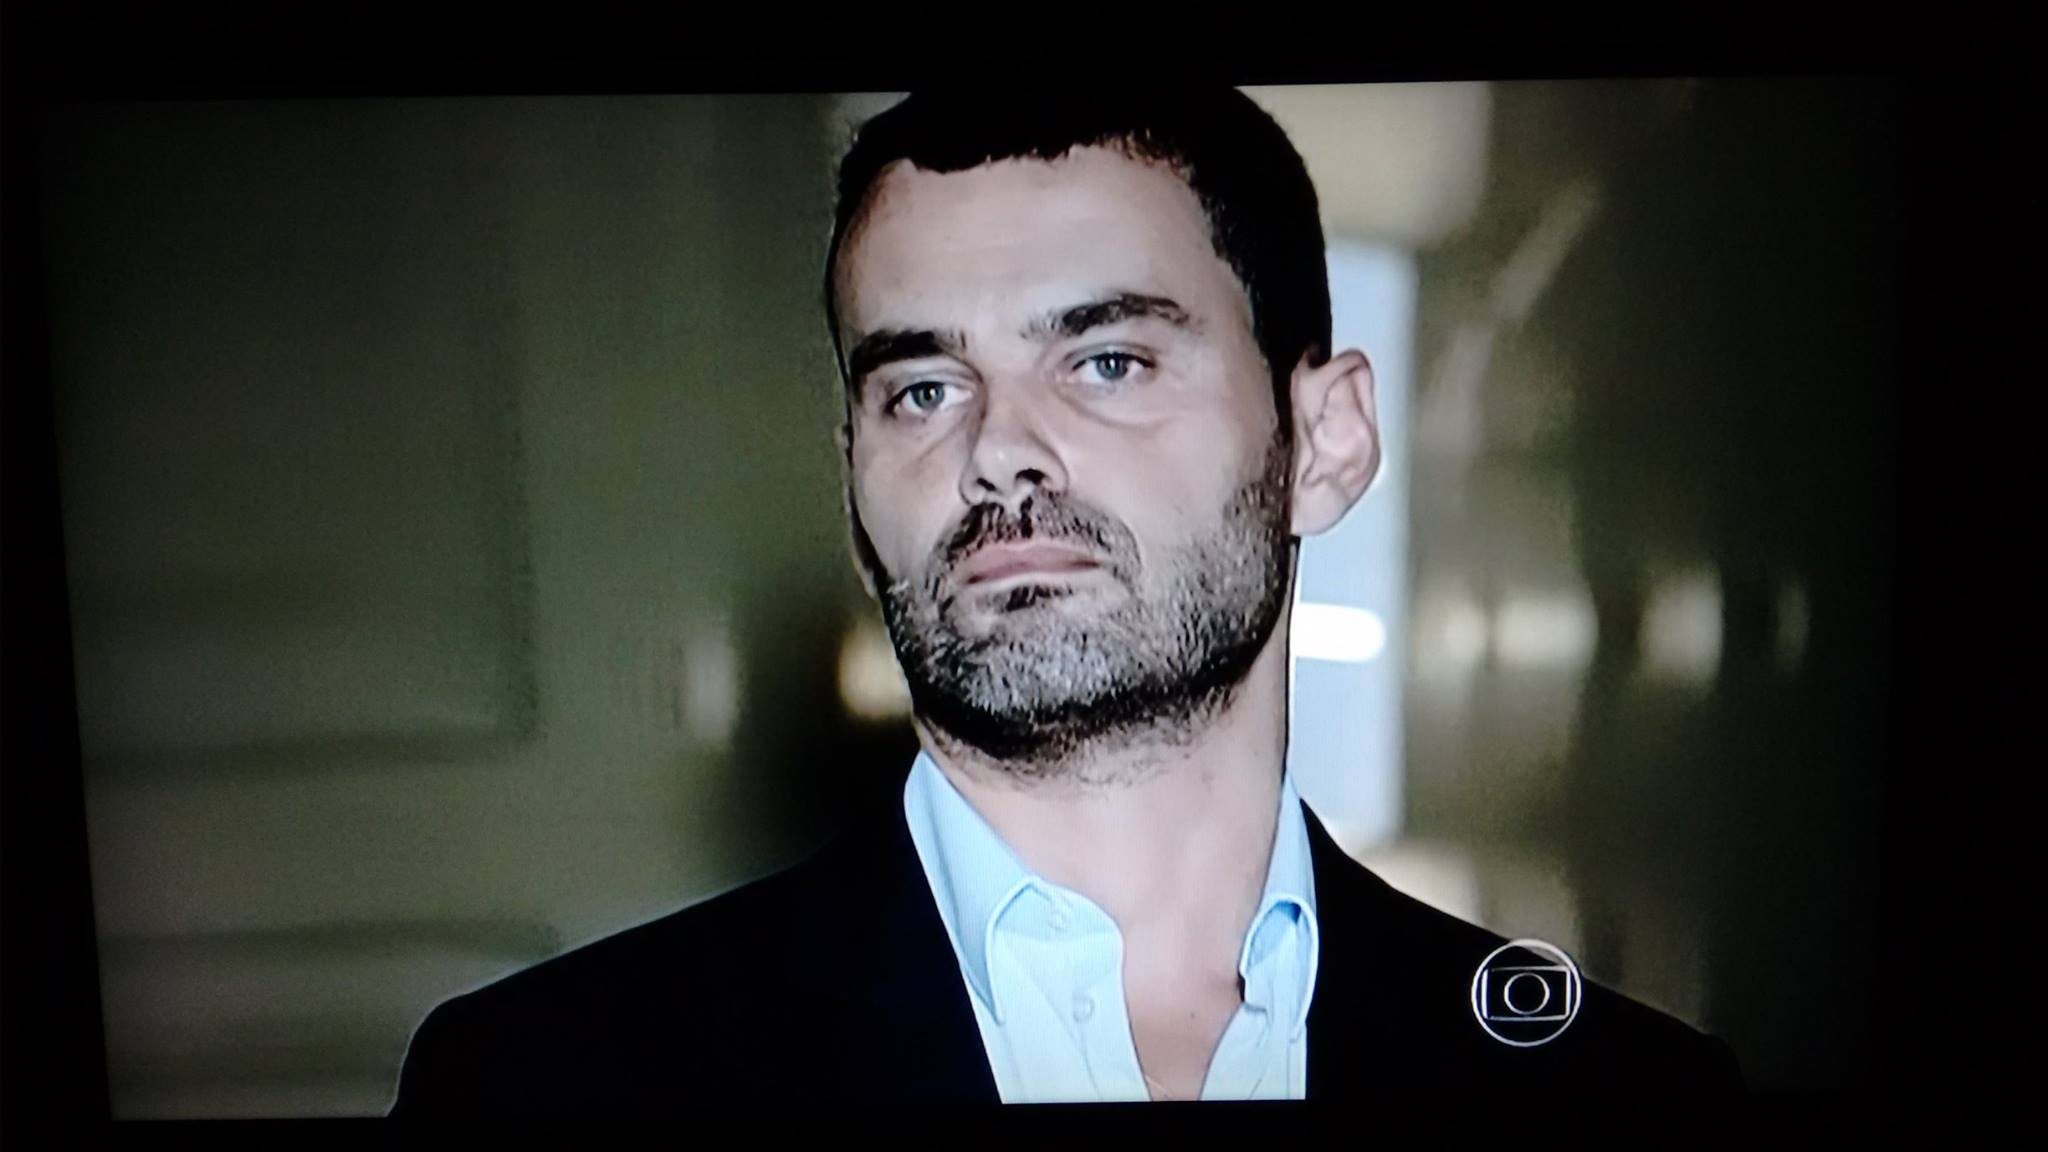 globo - Sinal SD da Globo RJ em 16:9 na SKY 10936710